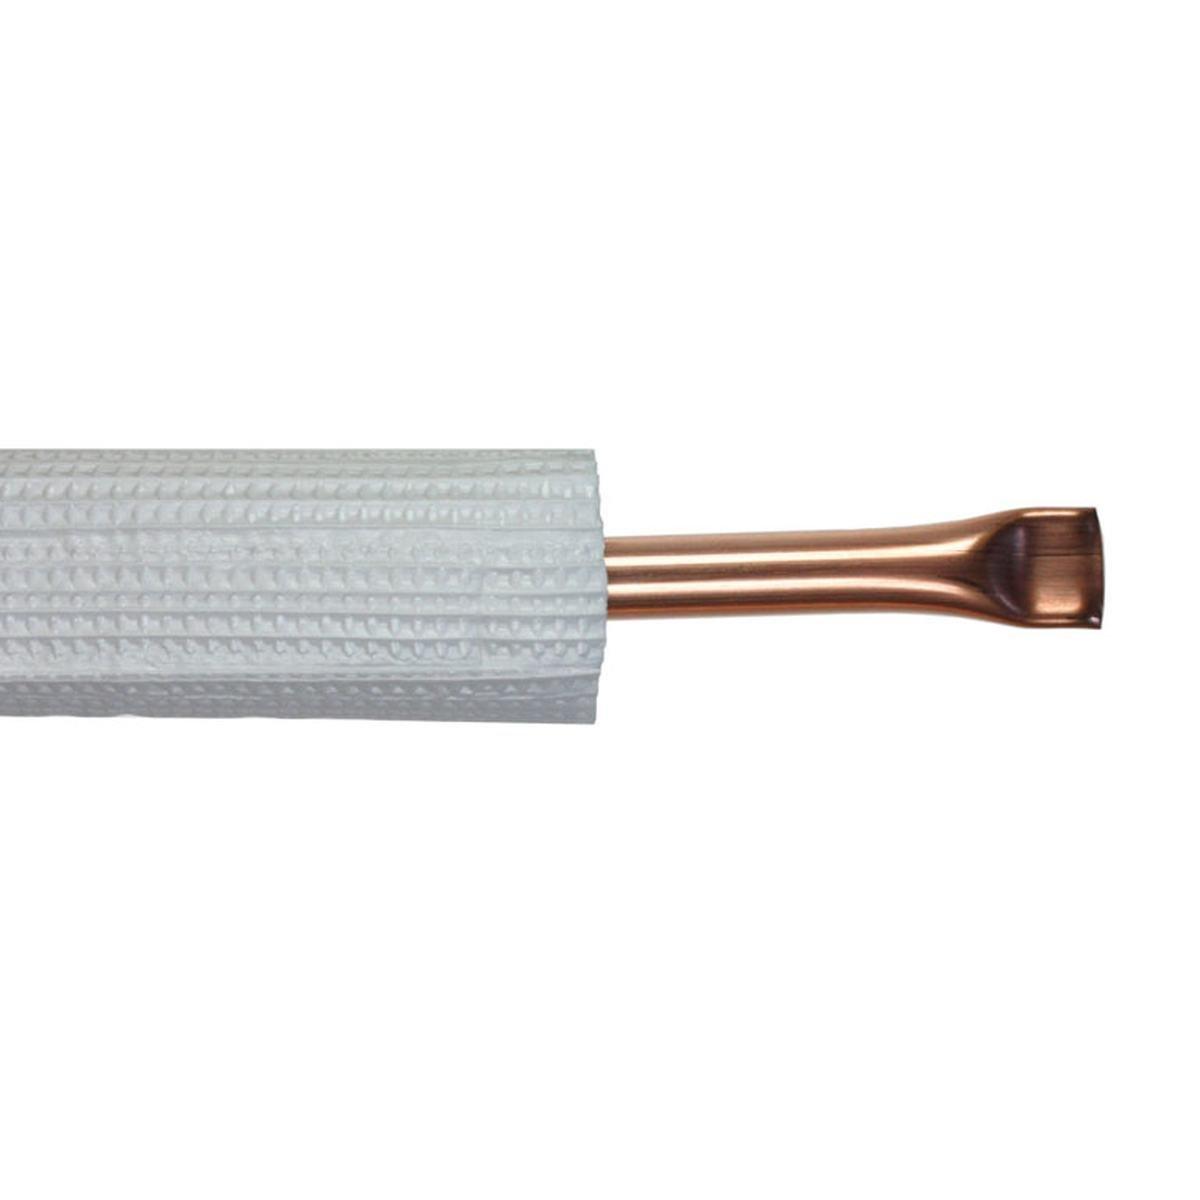 """Kopparrör isolerad enkel 3/8"""" x 0,8 mm. 25 meter"""